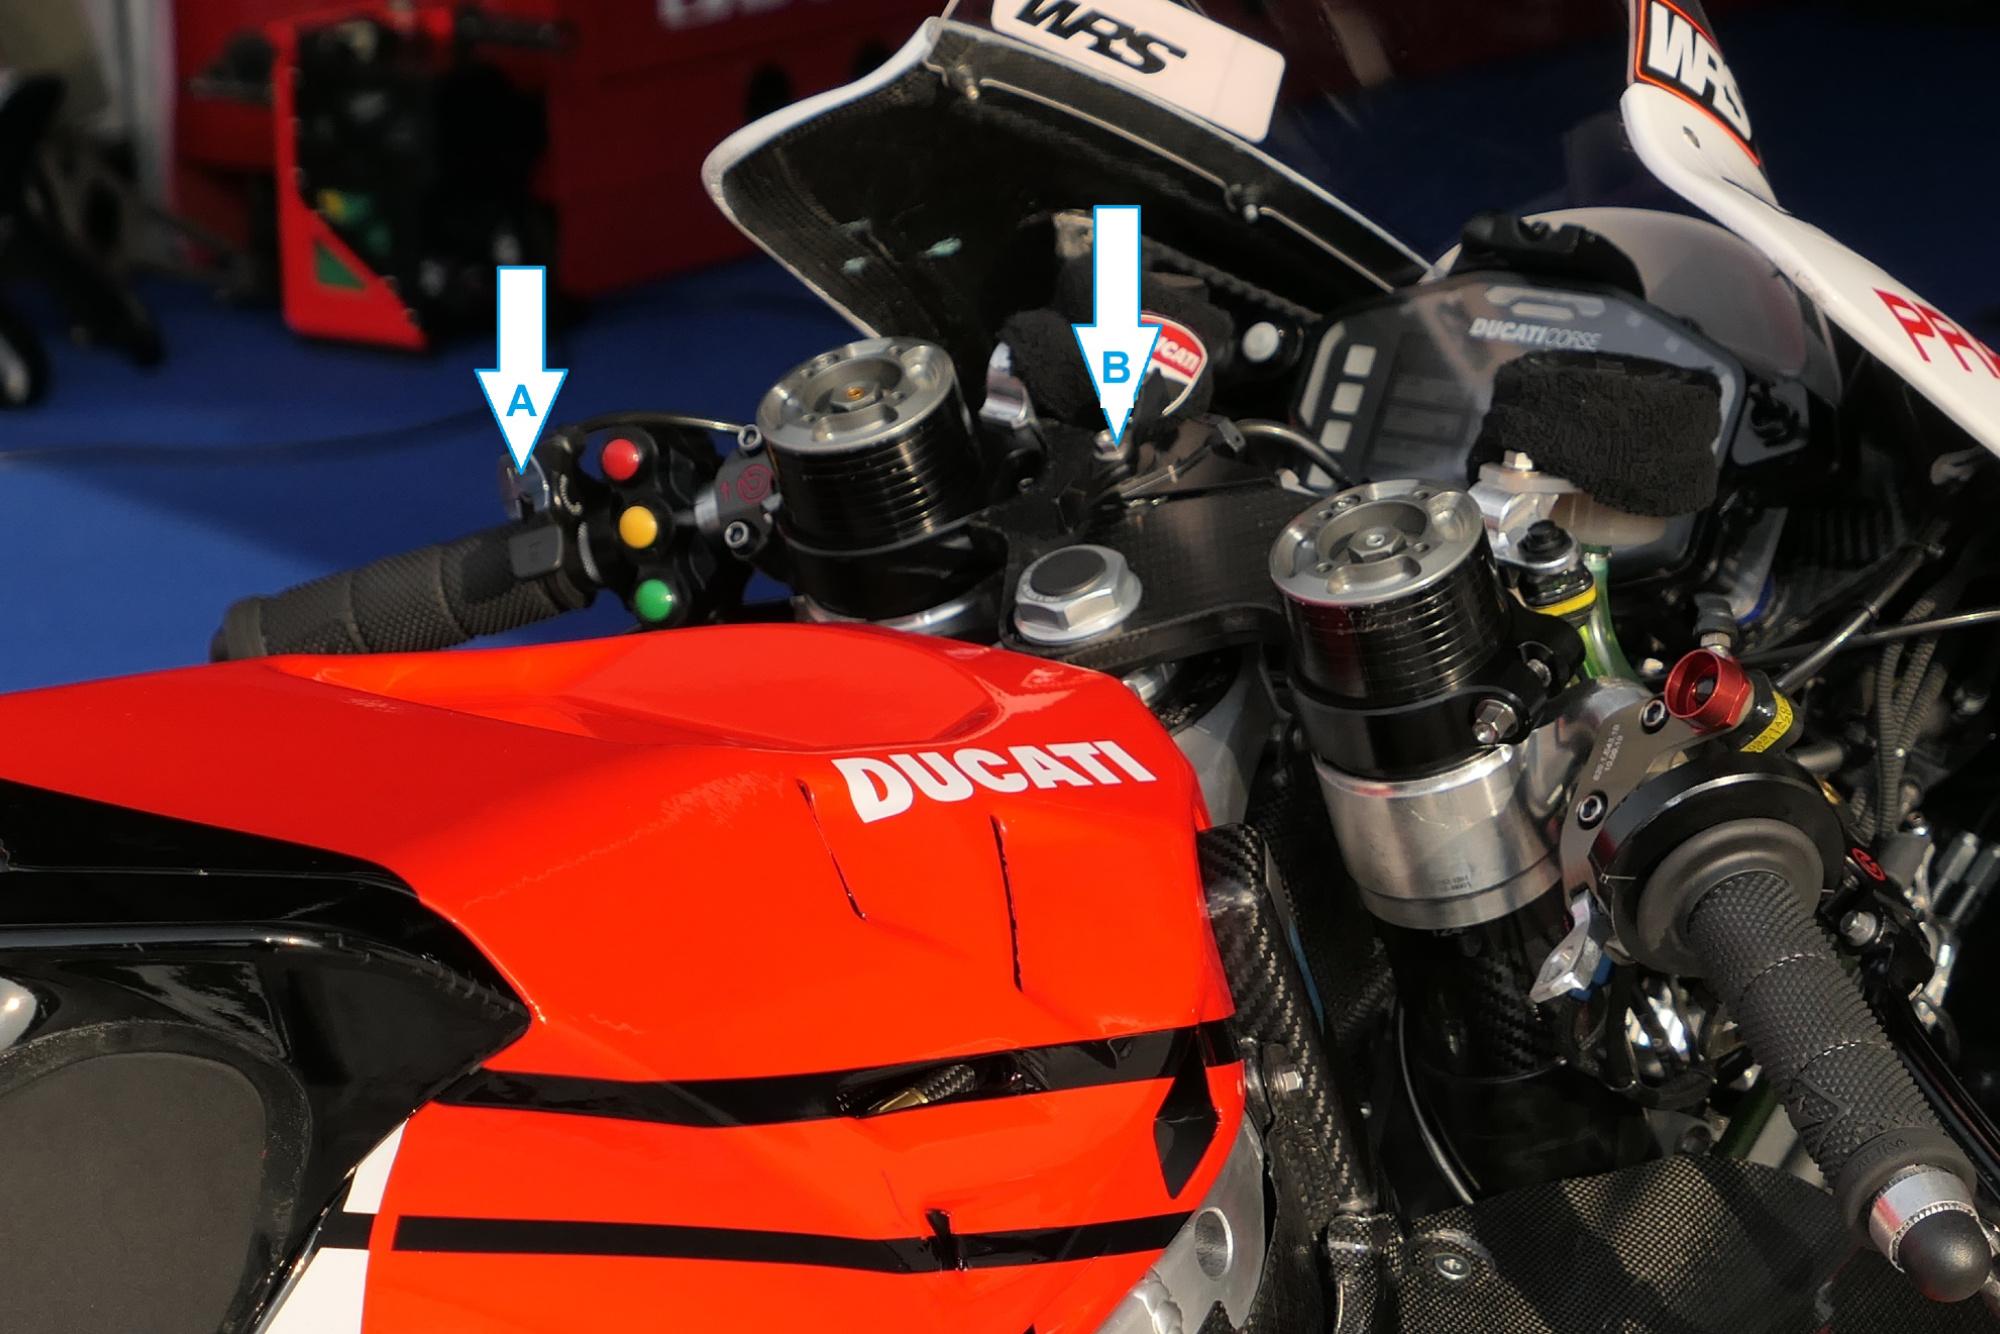 Ducati's GP20 MotoGP bike